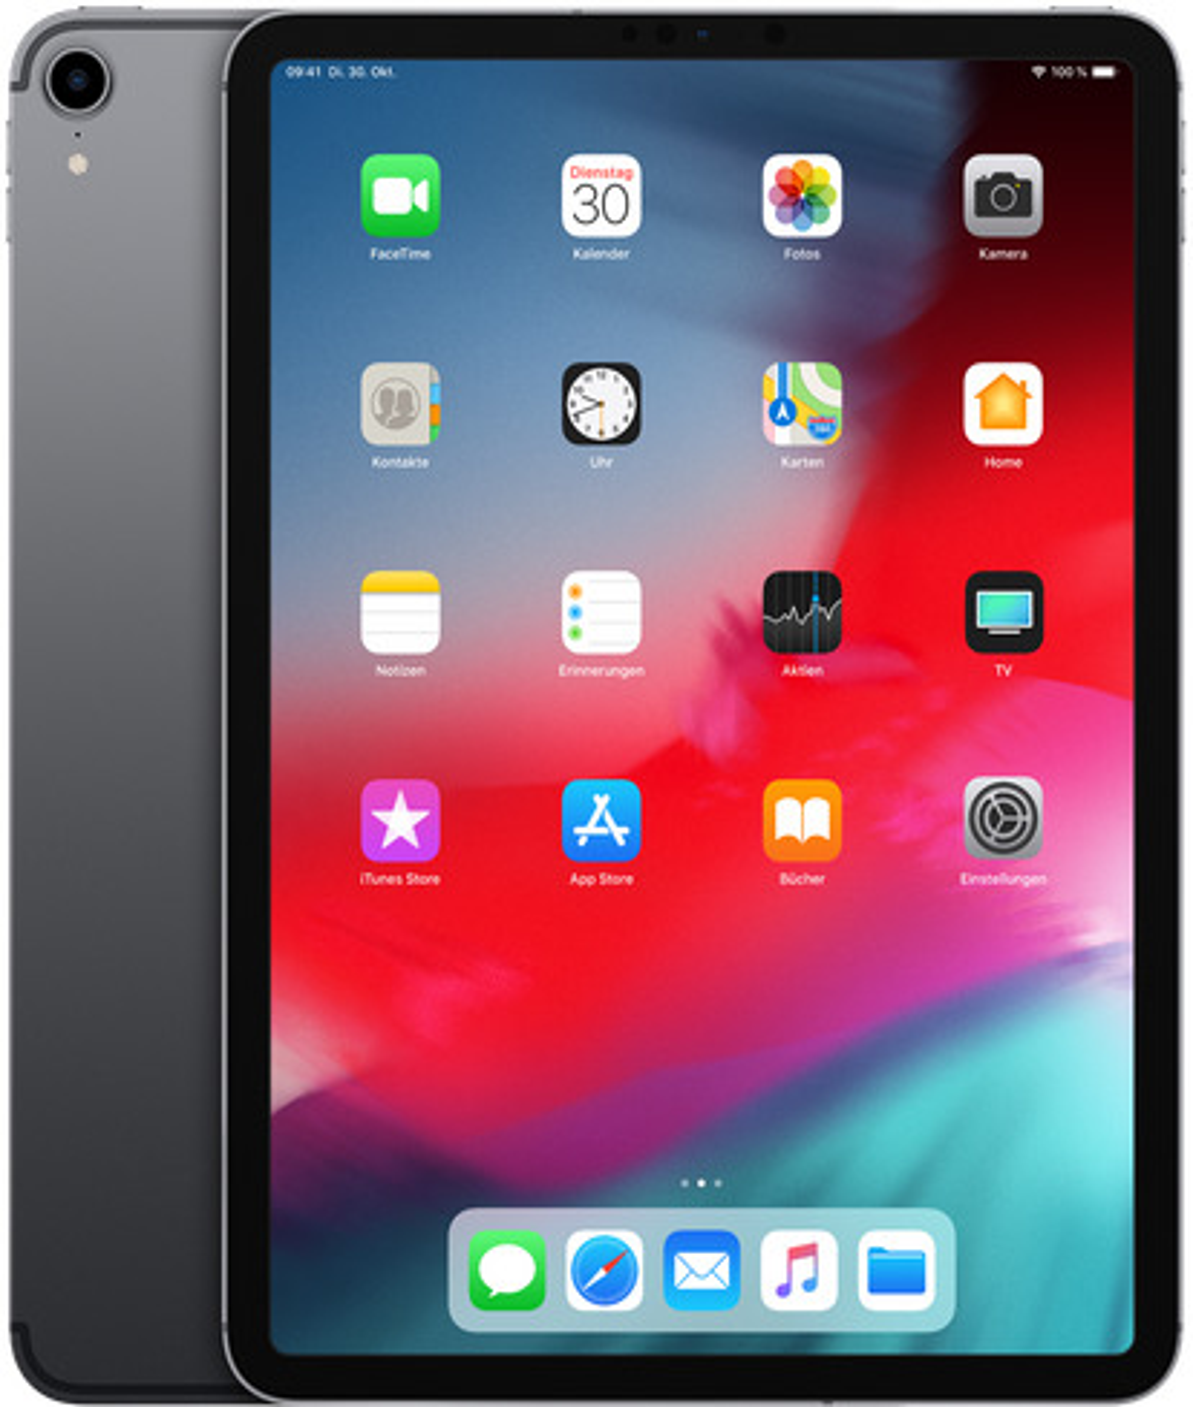 apple ipad pro 11 256gb [wi-fi, modello 2018] space grigio